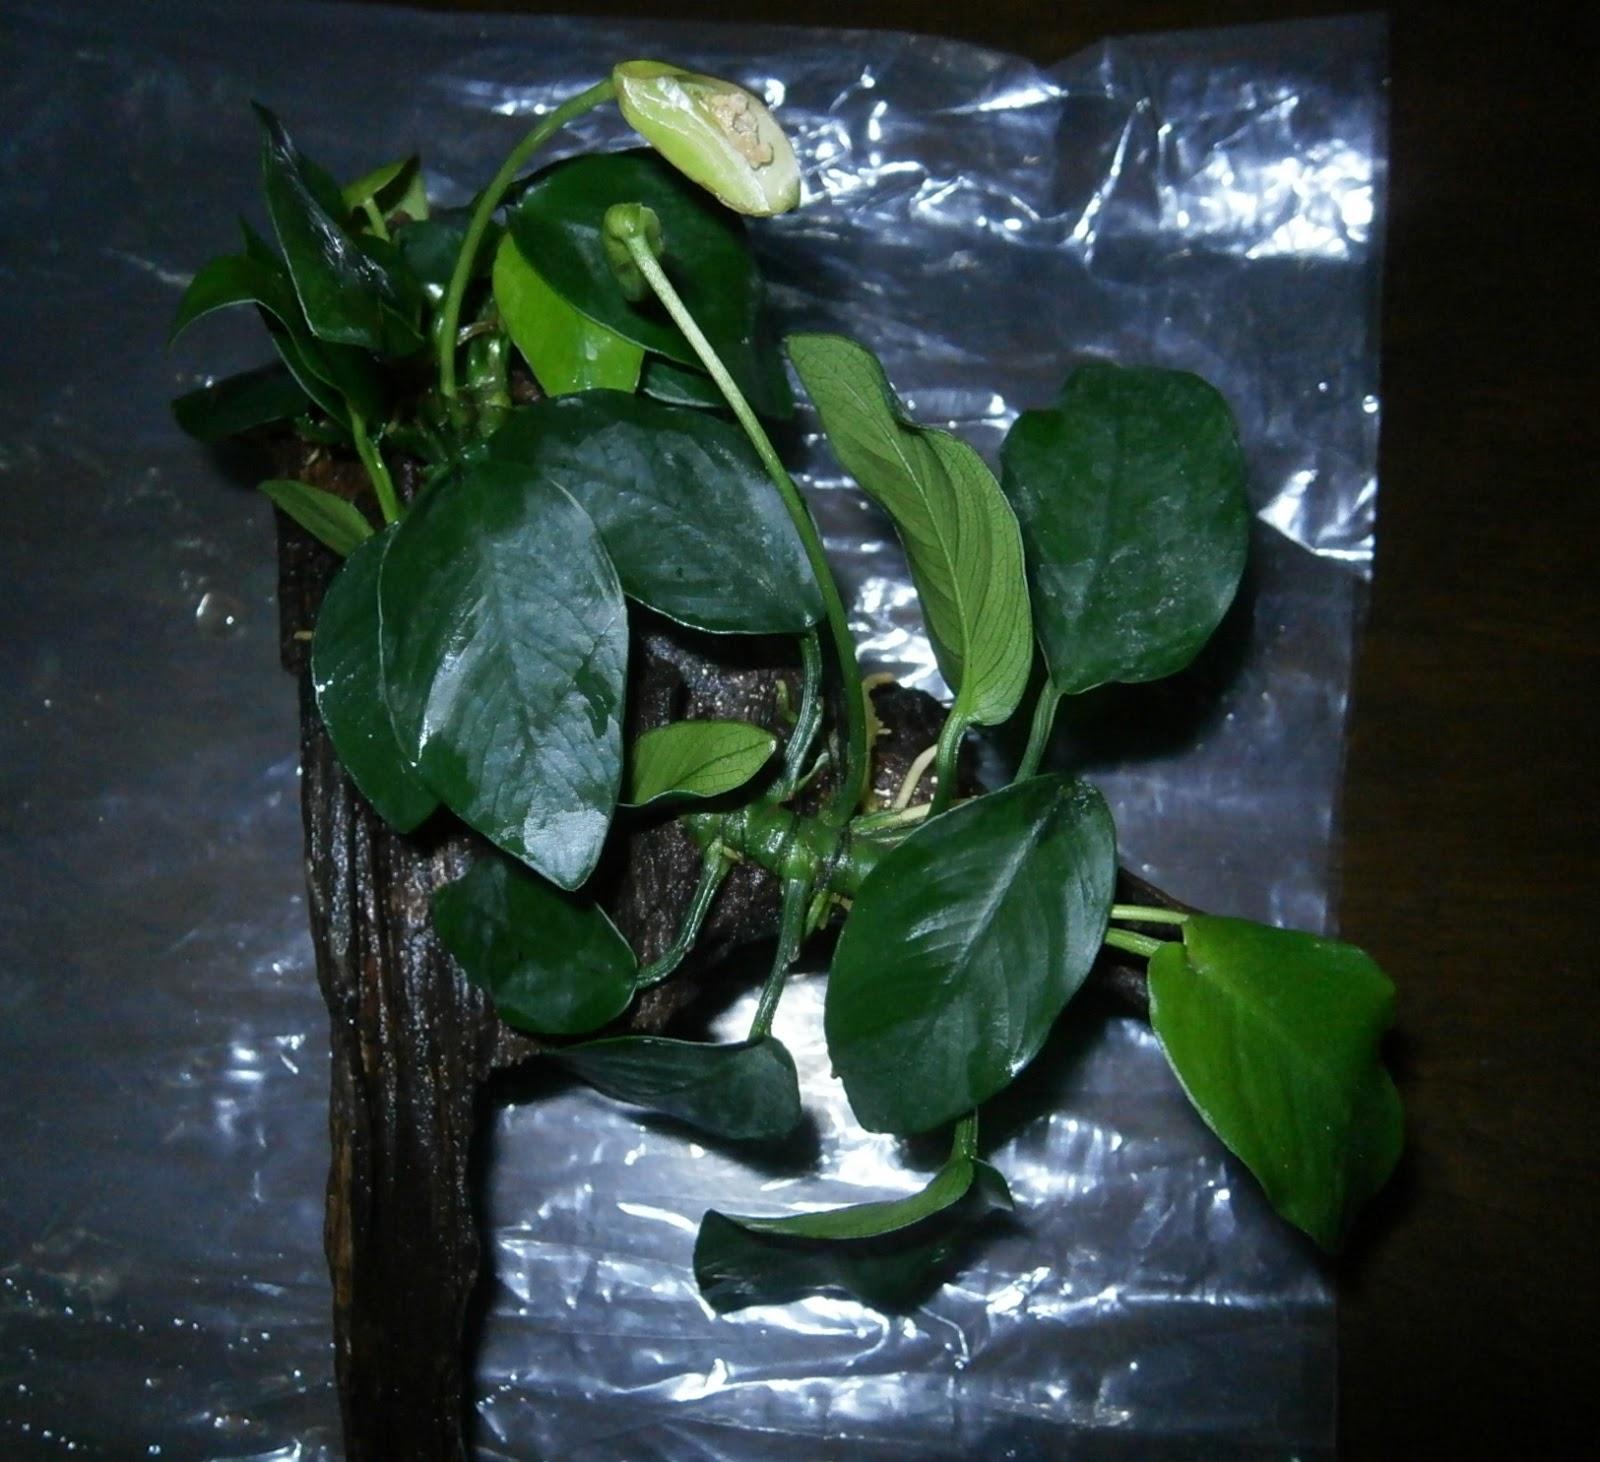 Aquascape Plants For Sale